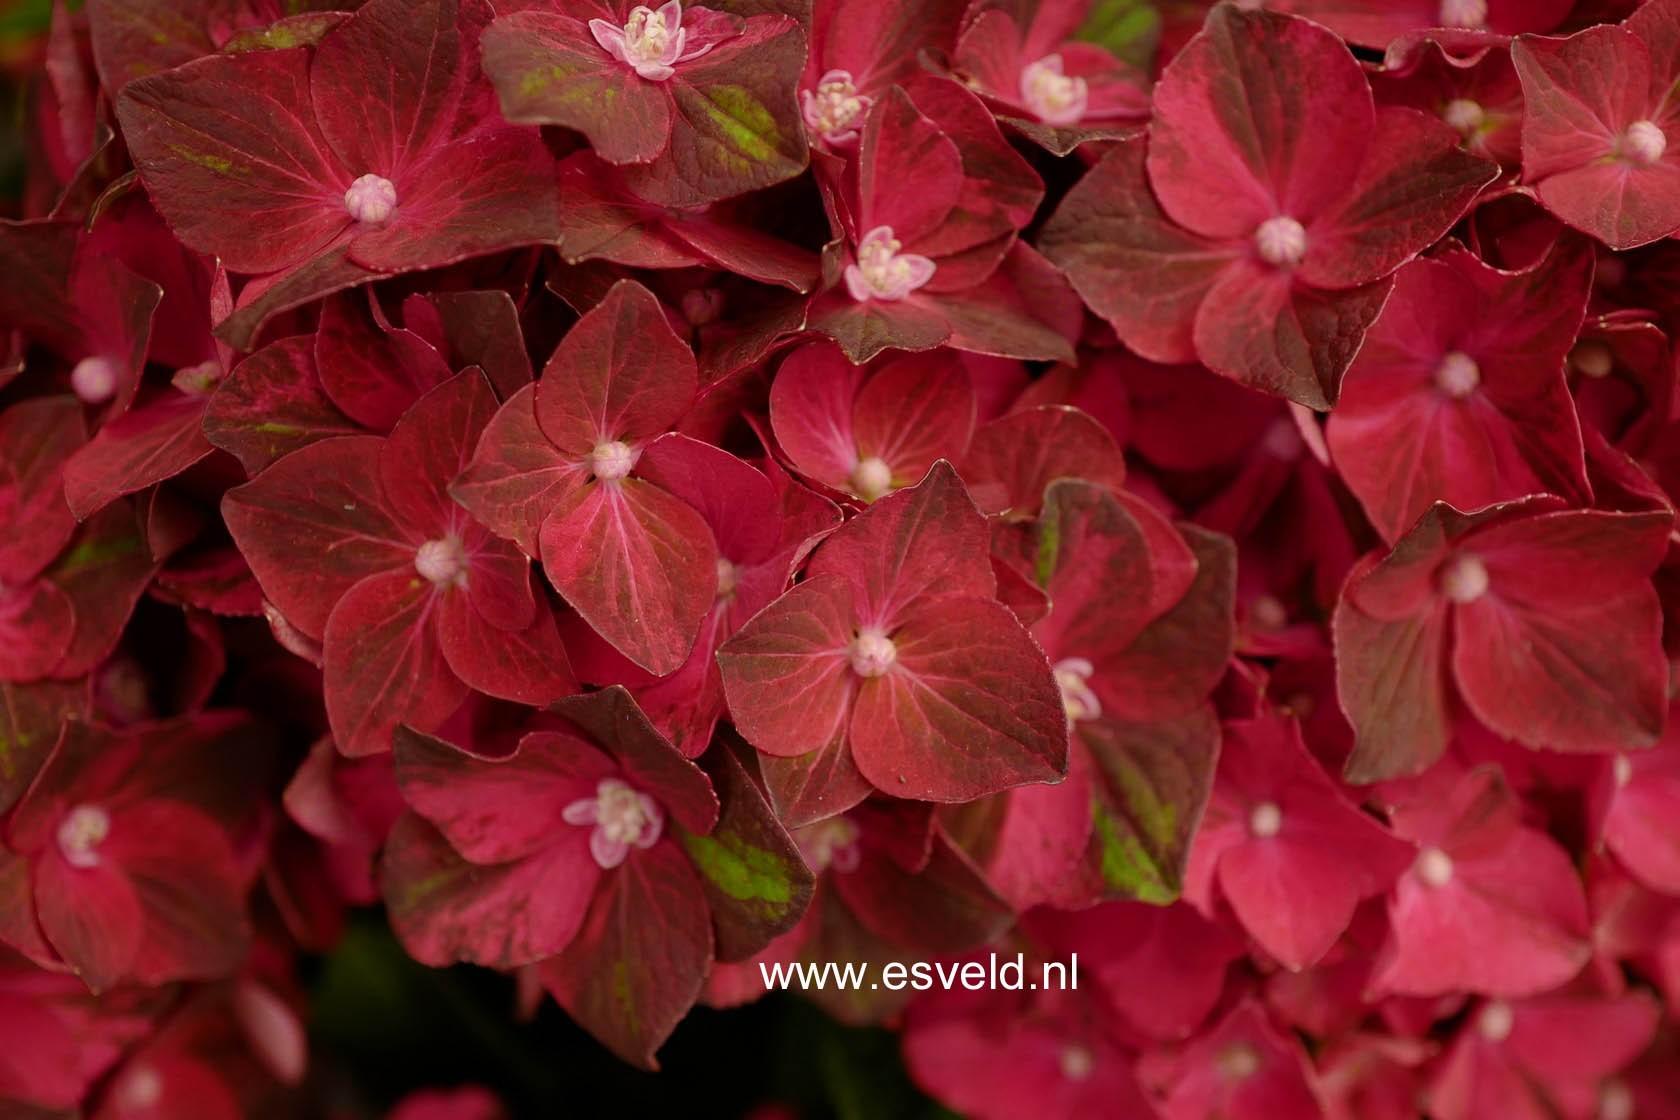 Hydrangea macrophylla 'Magical Ruby Tuesday'